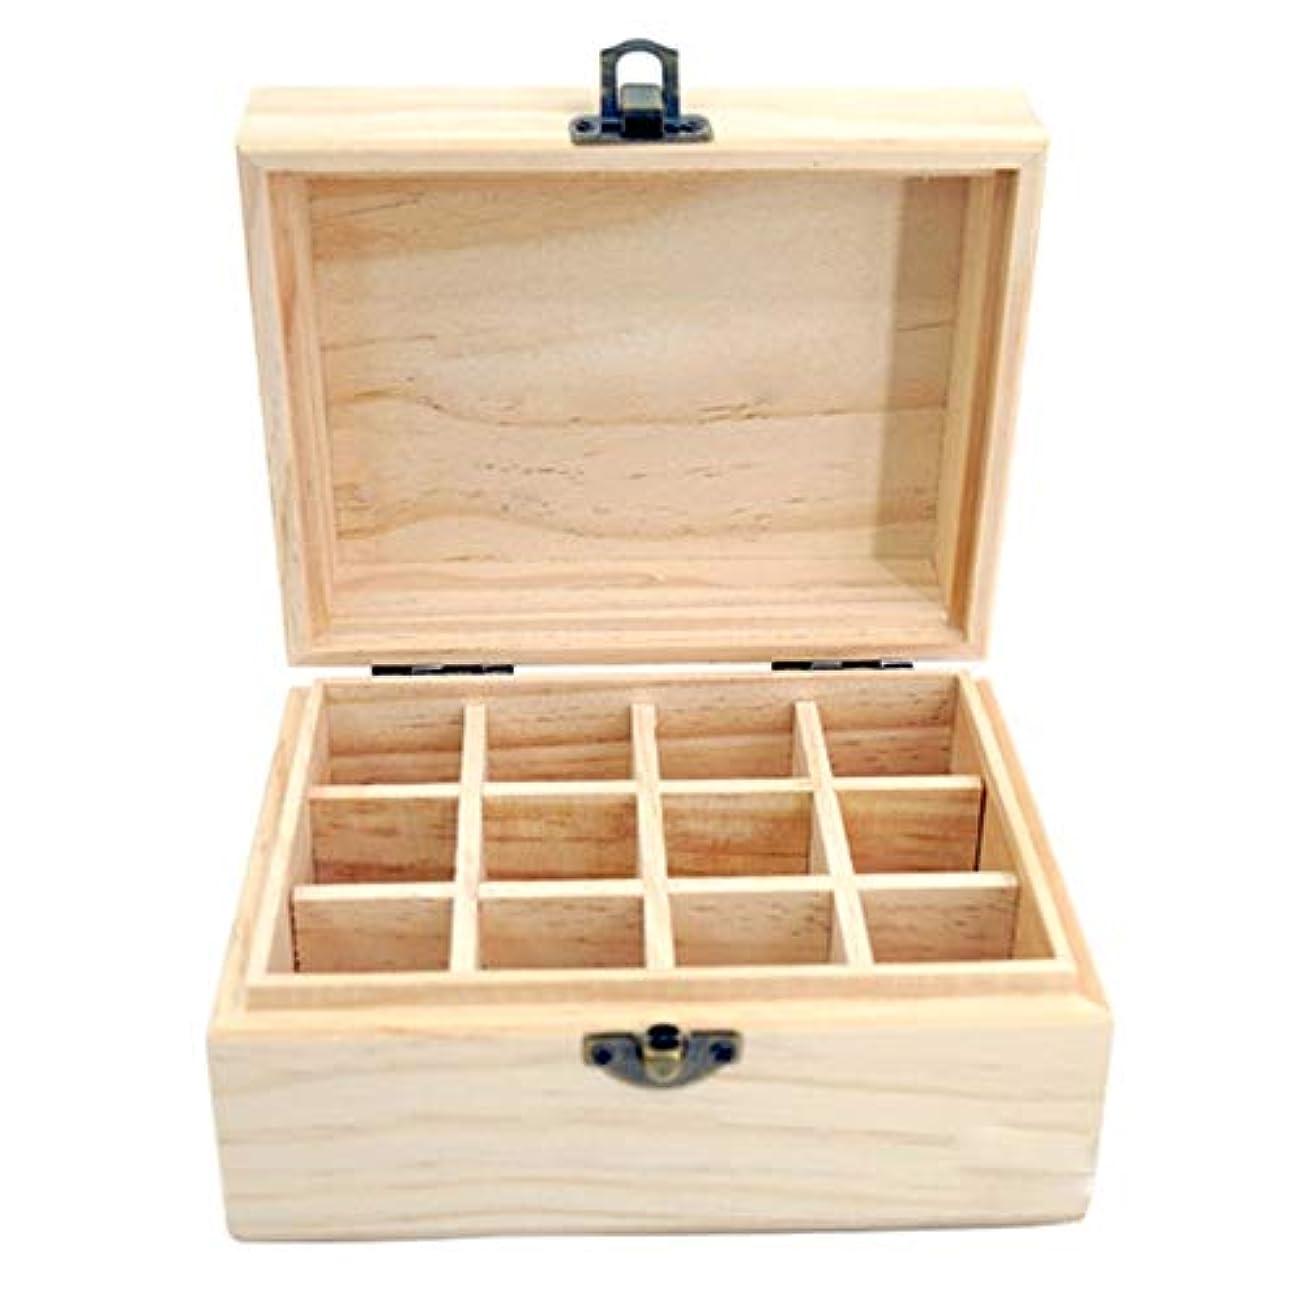 ウイルス歌解明するエッセンシャルオイルストレージボックス 18スロットエッセンシャルオイル木製ボックス収納ケースは、あなたの油安全保護さを保つ保護します 旅行およびプレゼンテーション用 (色 : Natural, サイズ : 15X11.5X8CM)